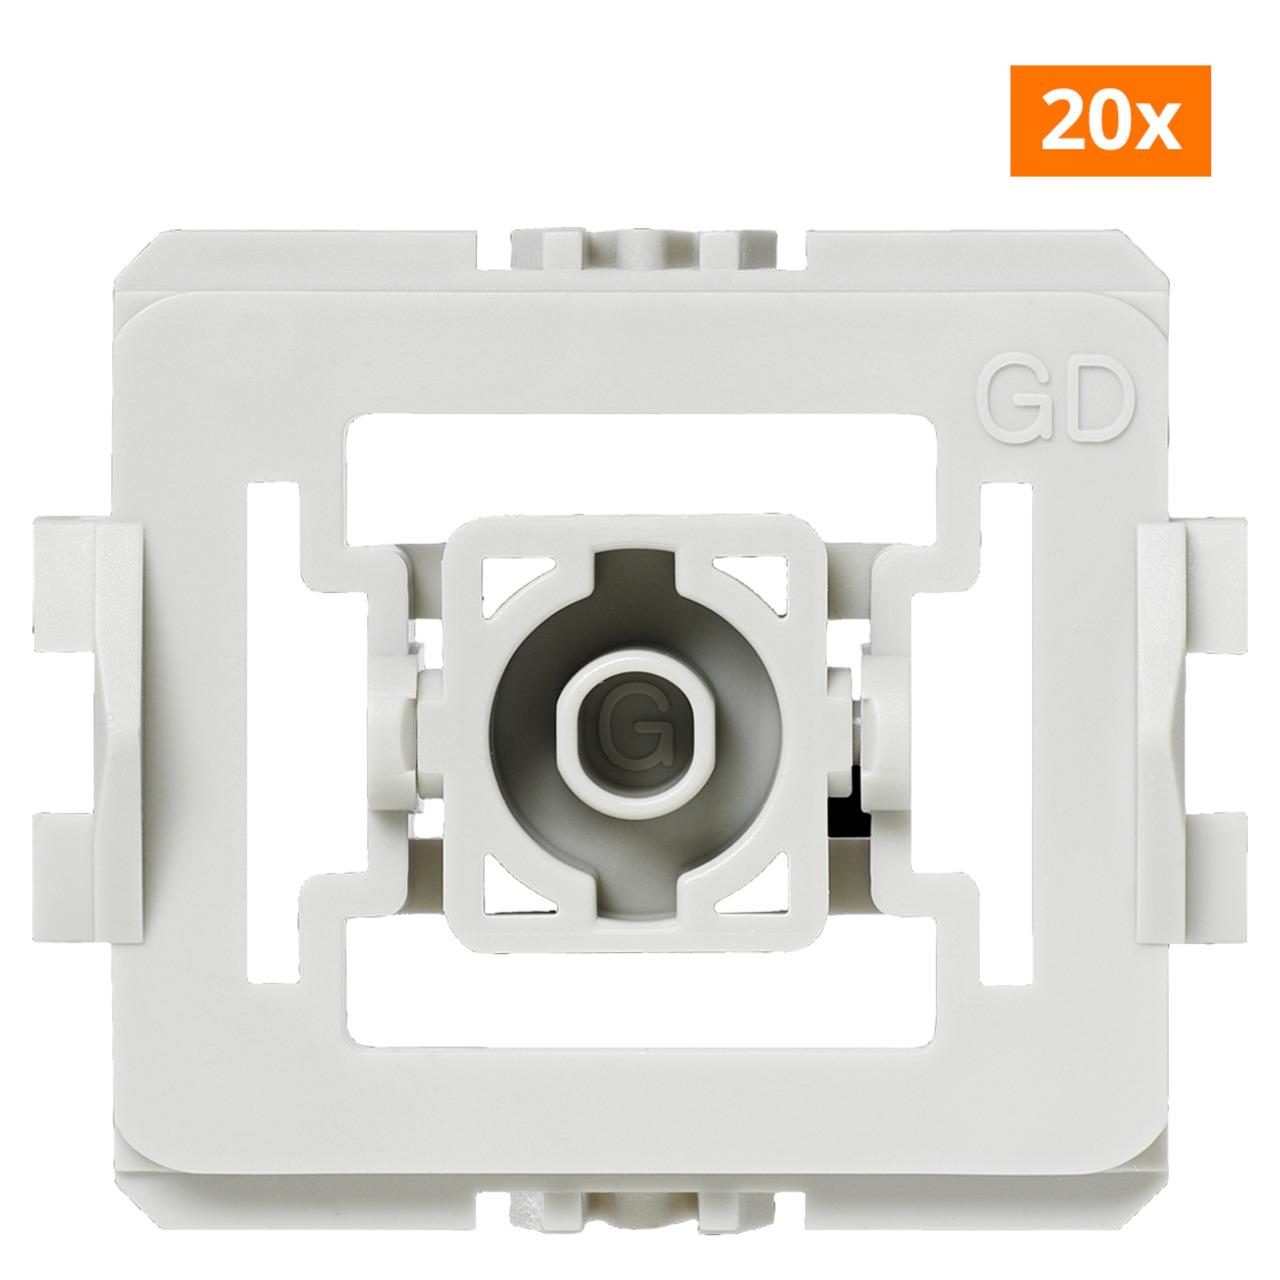 Installationsadapter für Gira Standard Schalter- 20er-Set für Smart Home / Hausautomation